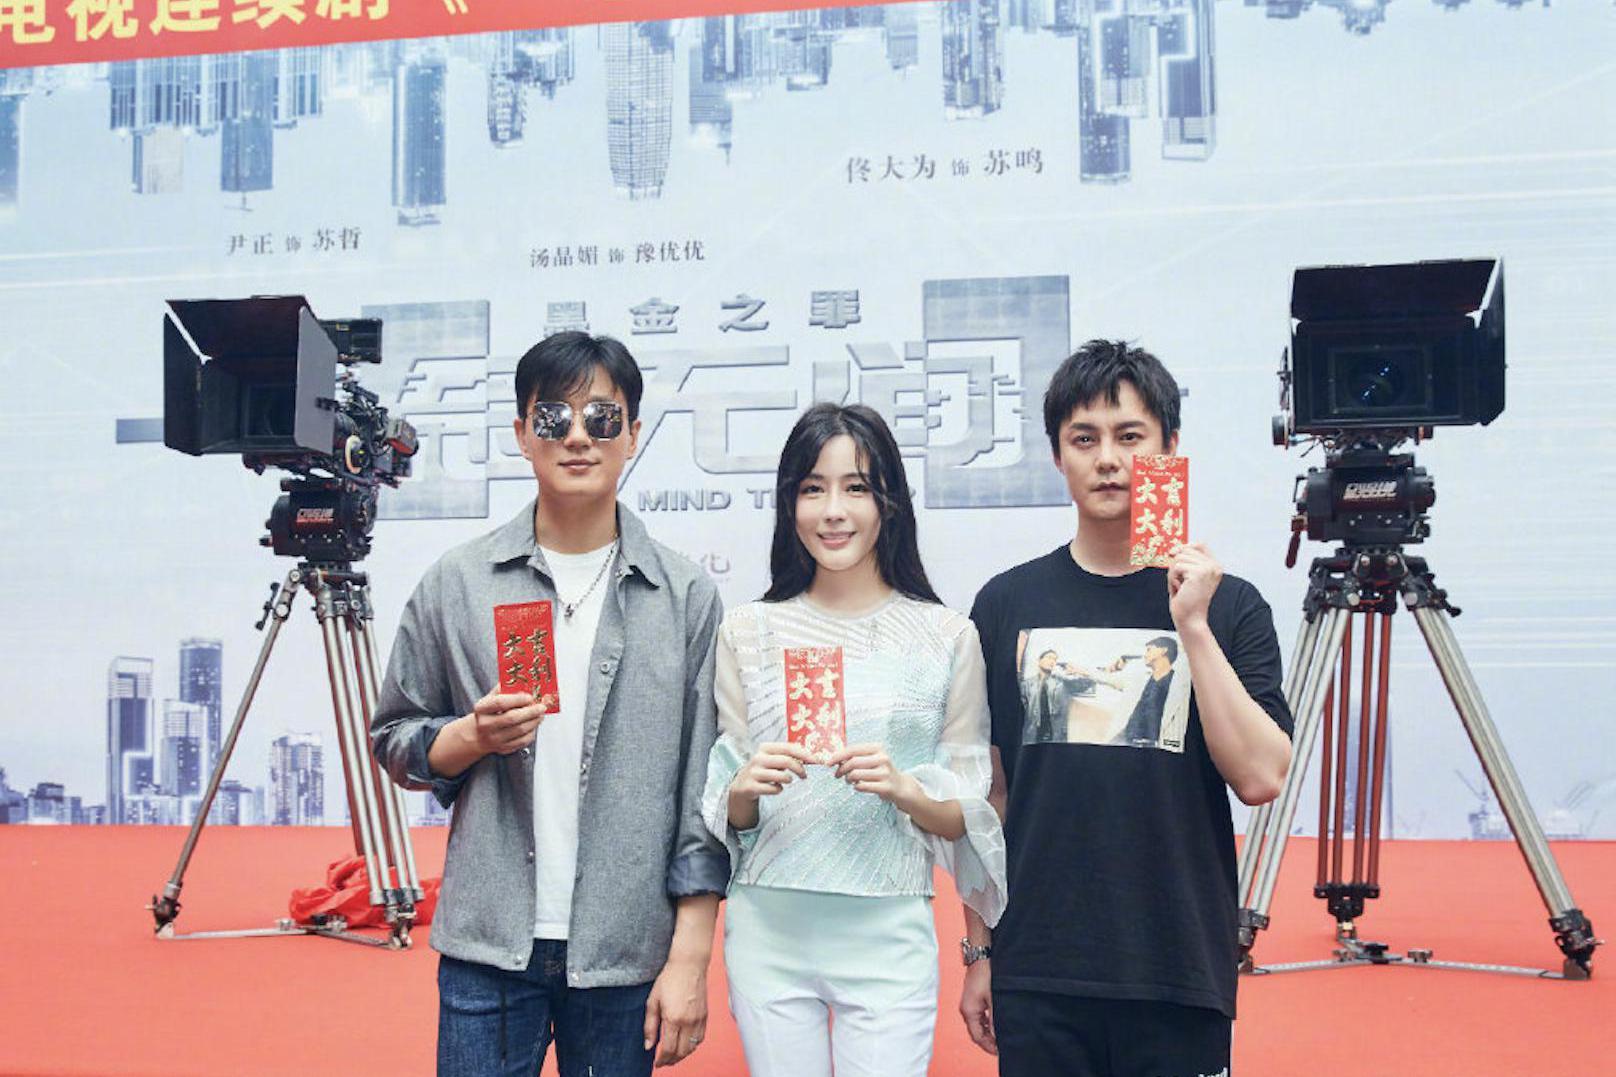 佟大为尹正新剧《一念无间》开机,女主汤晶媚被质疑整容脸